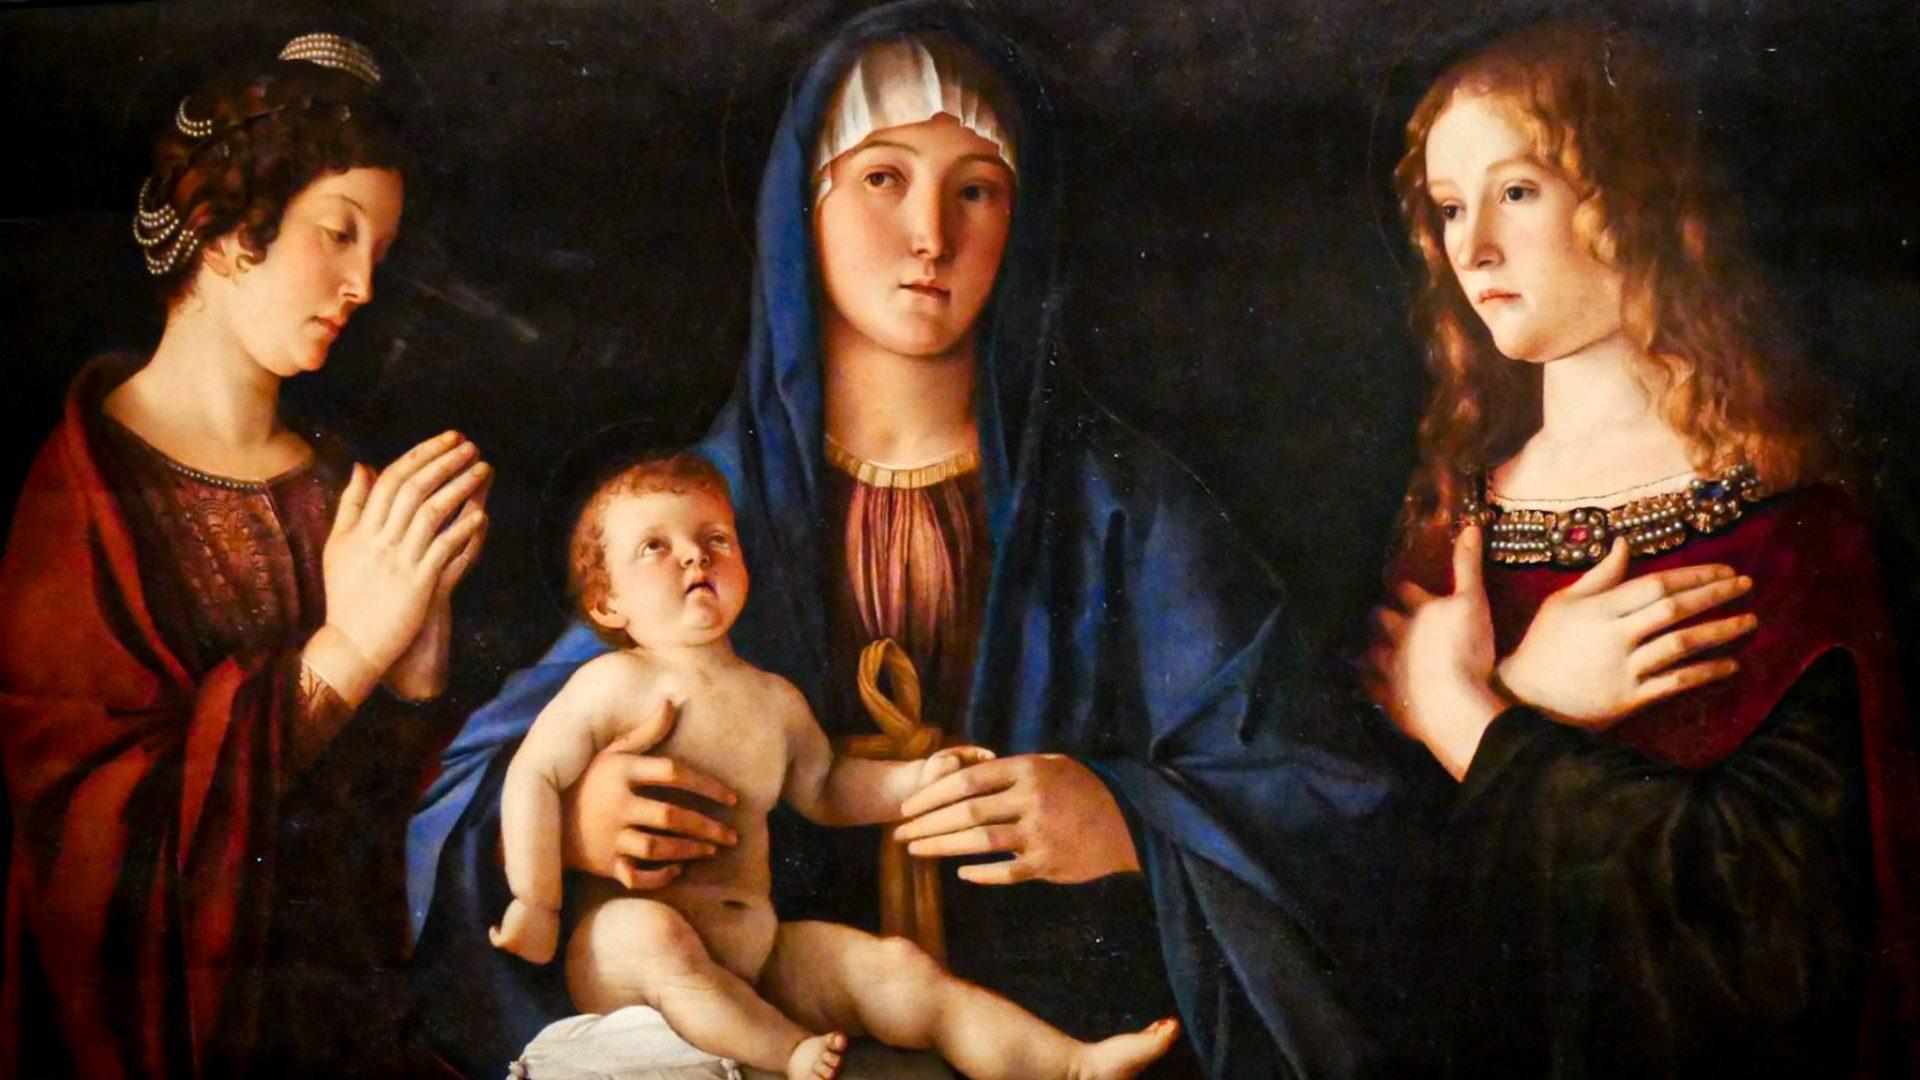 Gallerie dell'Accademia Venise - Giovanni Bellini